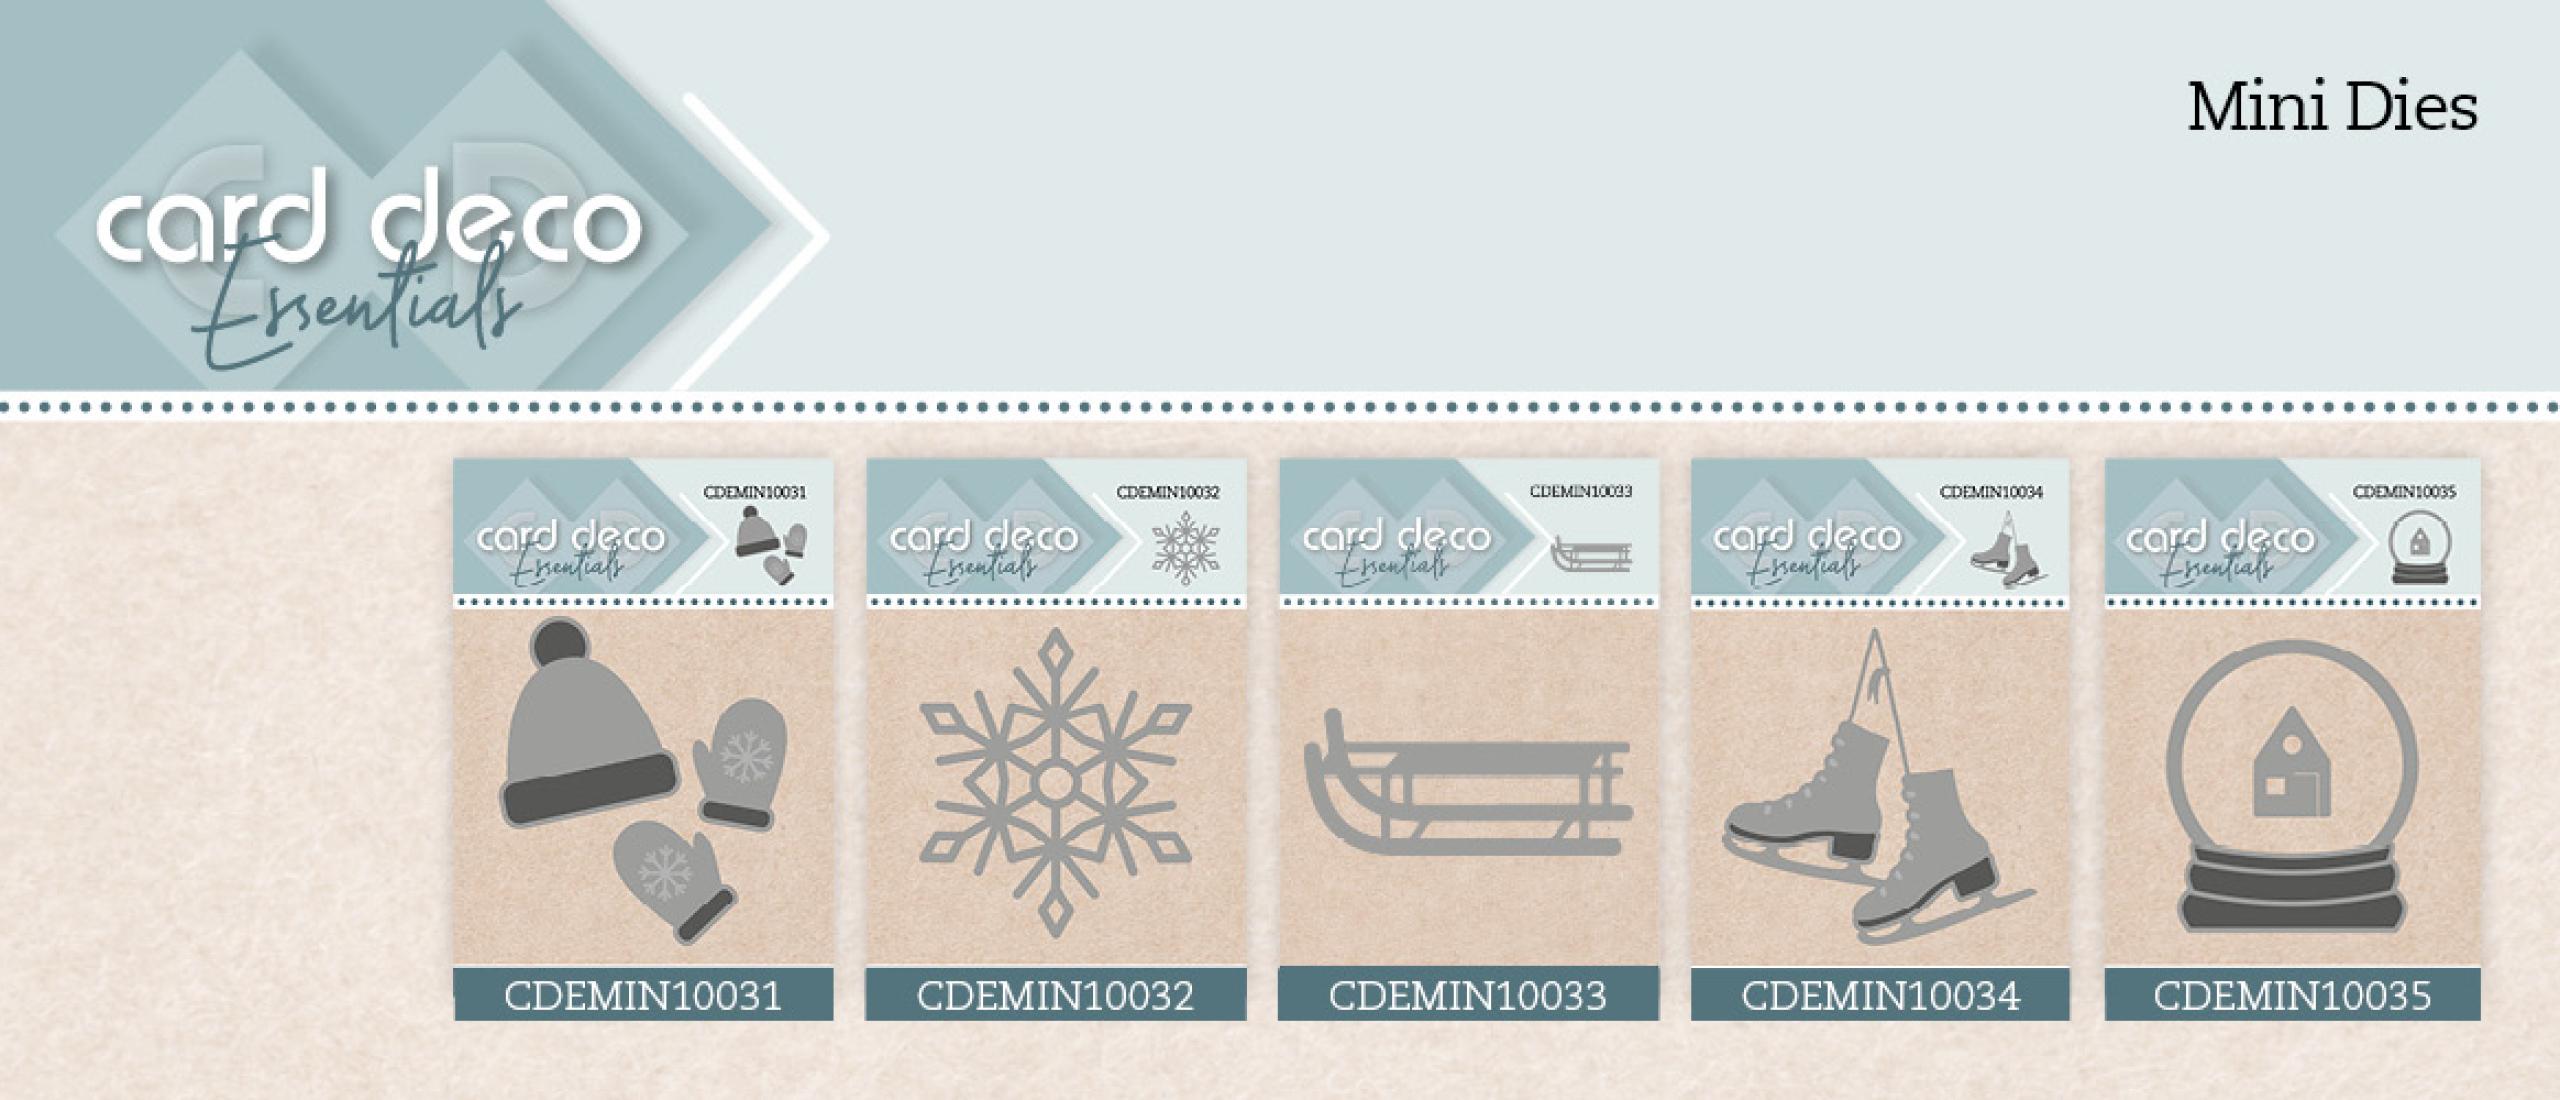 Mini-Dies Card Deco Essentials (CDEMIN10031 t/m CDEMIN10035)